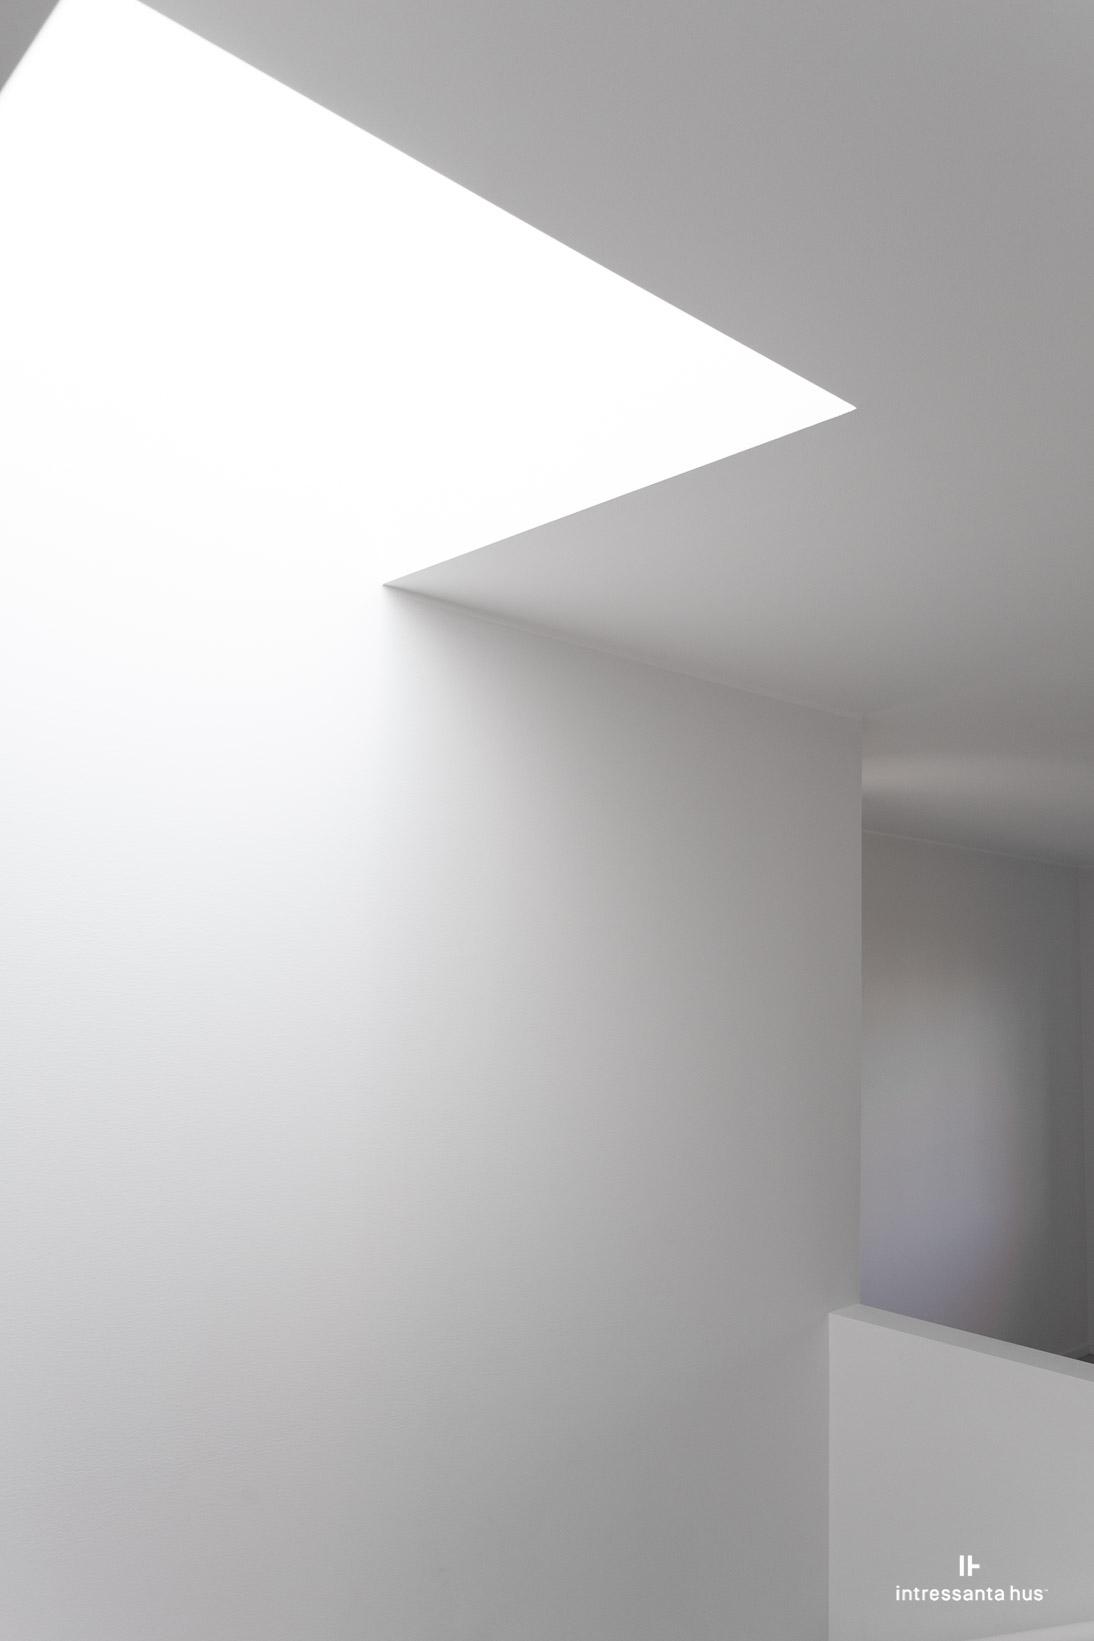 intressantahus-danderydgarde-022